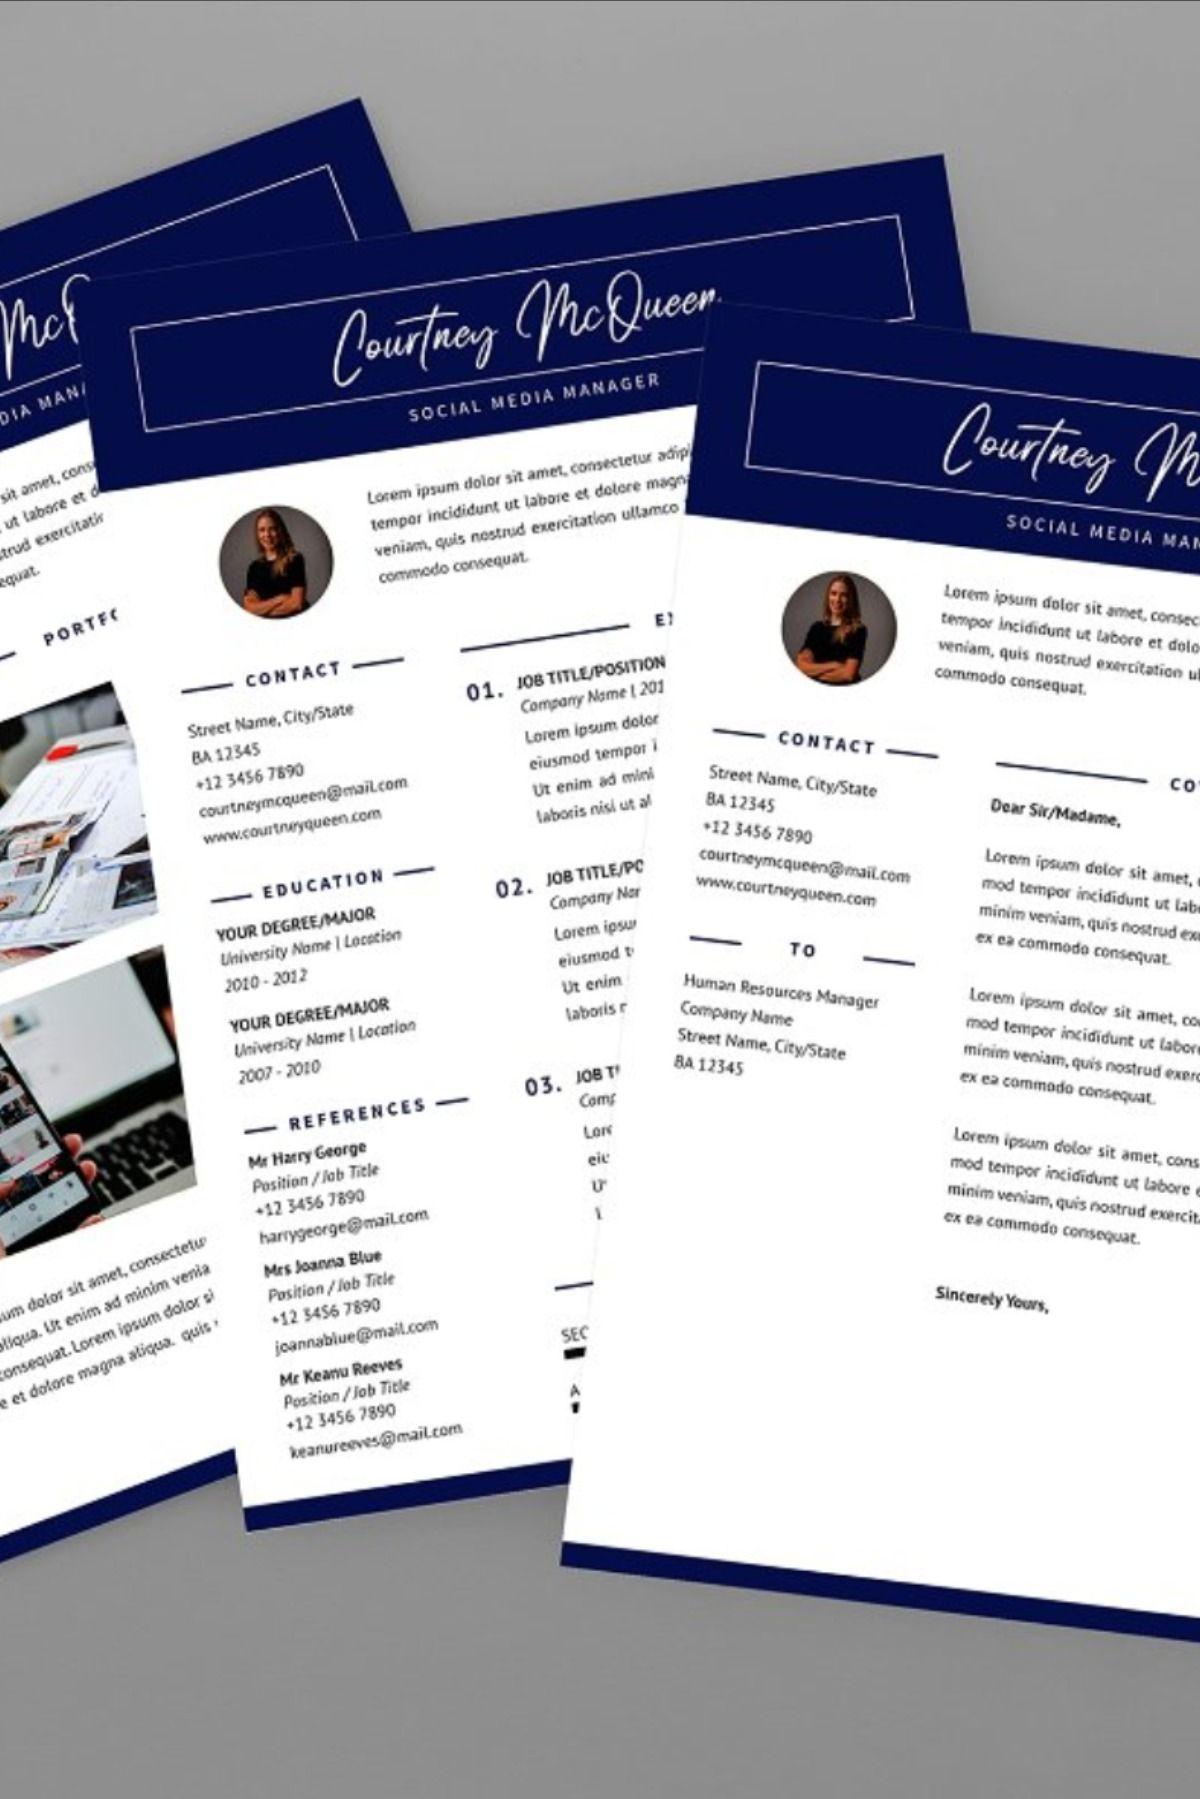 Courtney social resume designer social resume best